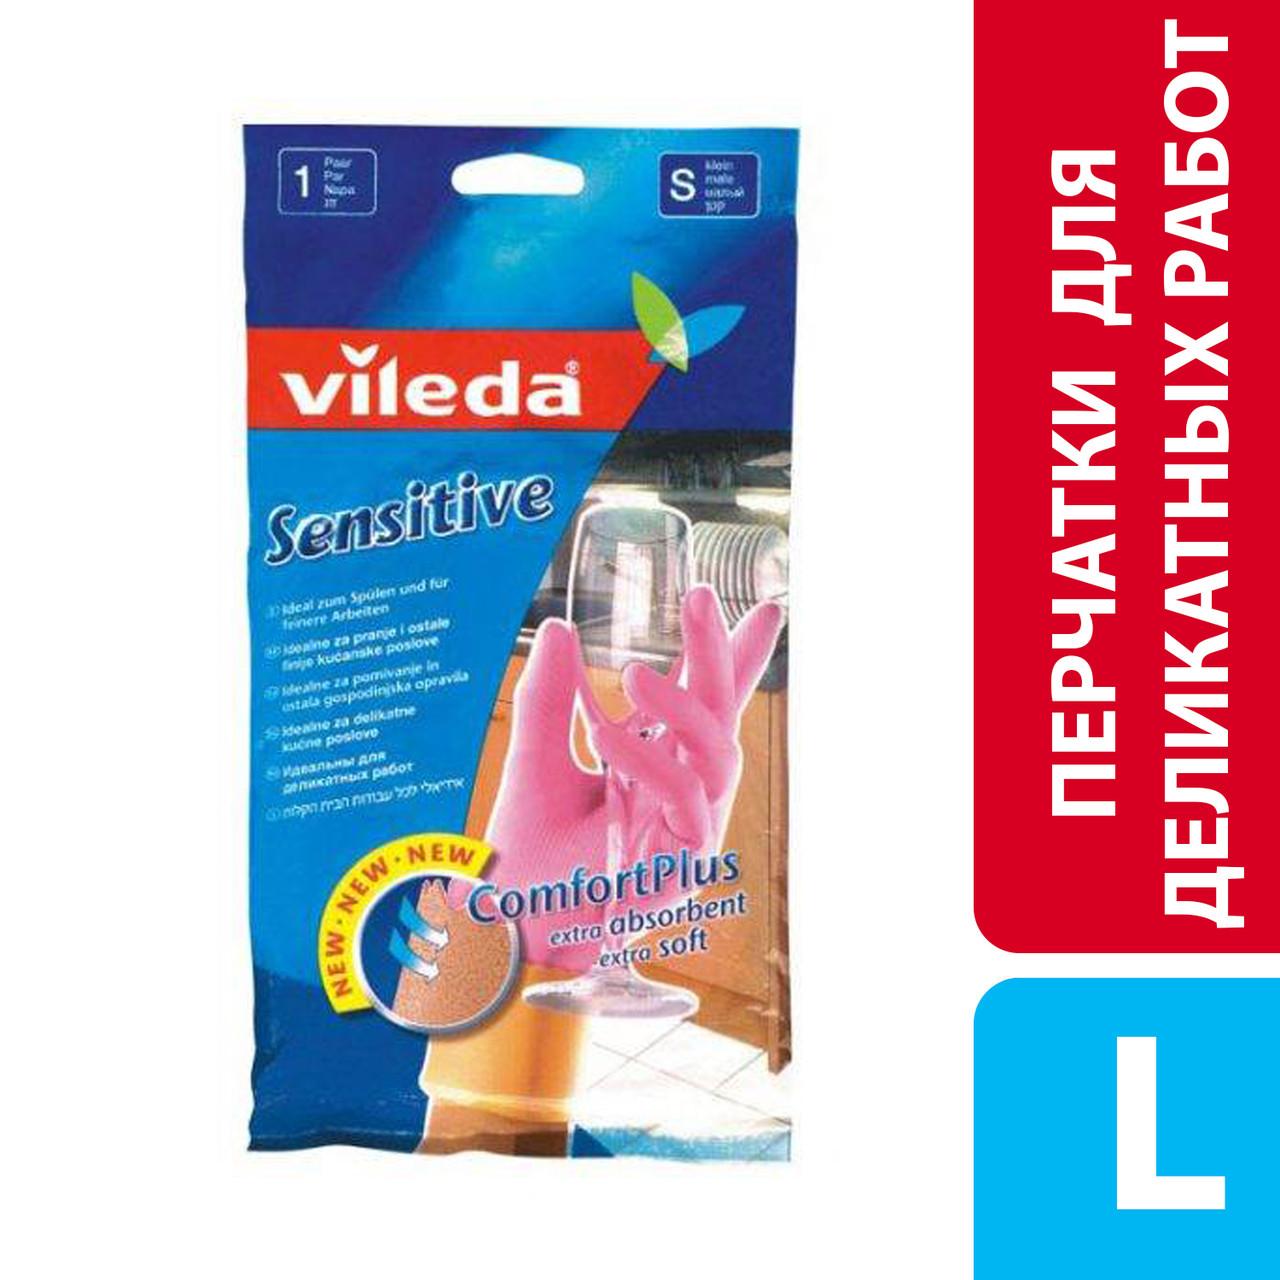 Перчатки латексные для деликатных работ Sensitive ComfortPlus, Vileda, размер L, 1 шт.